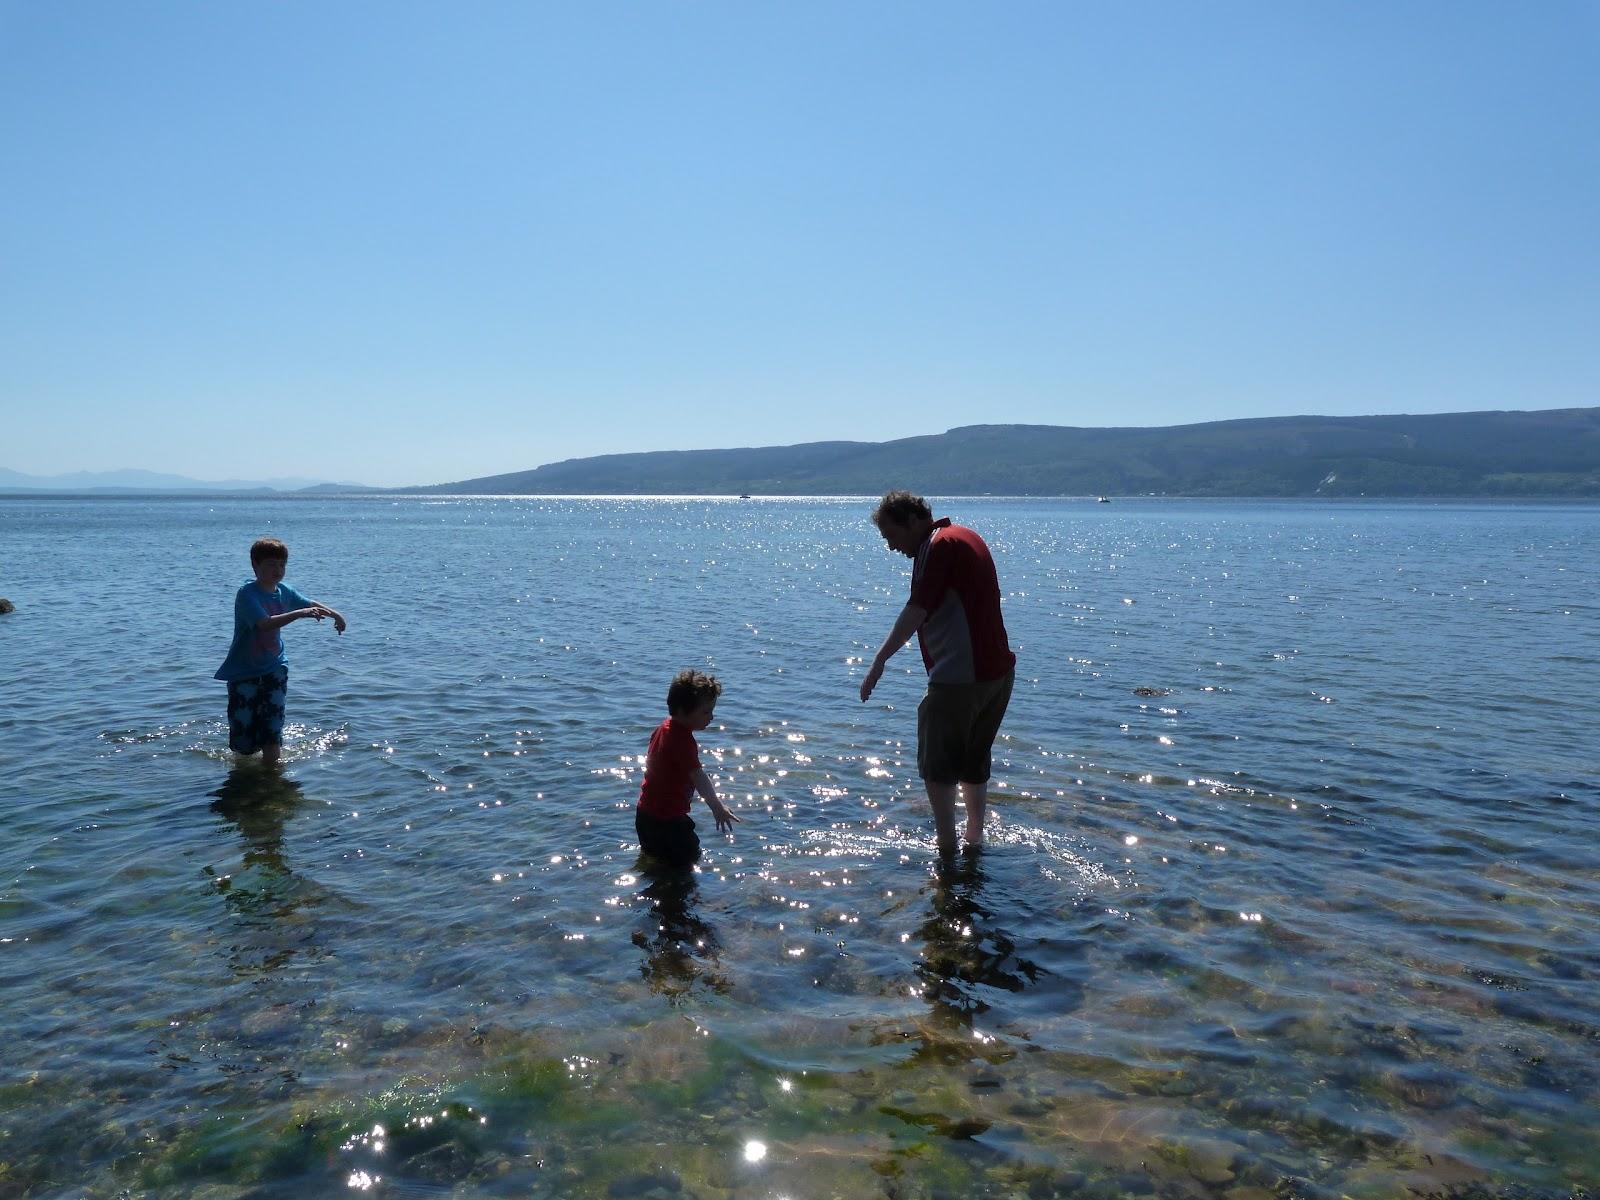 Paddling at Lunderston Bay, Gourock